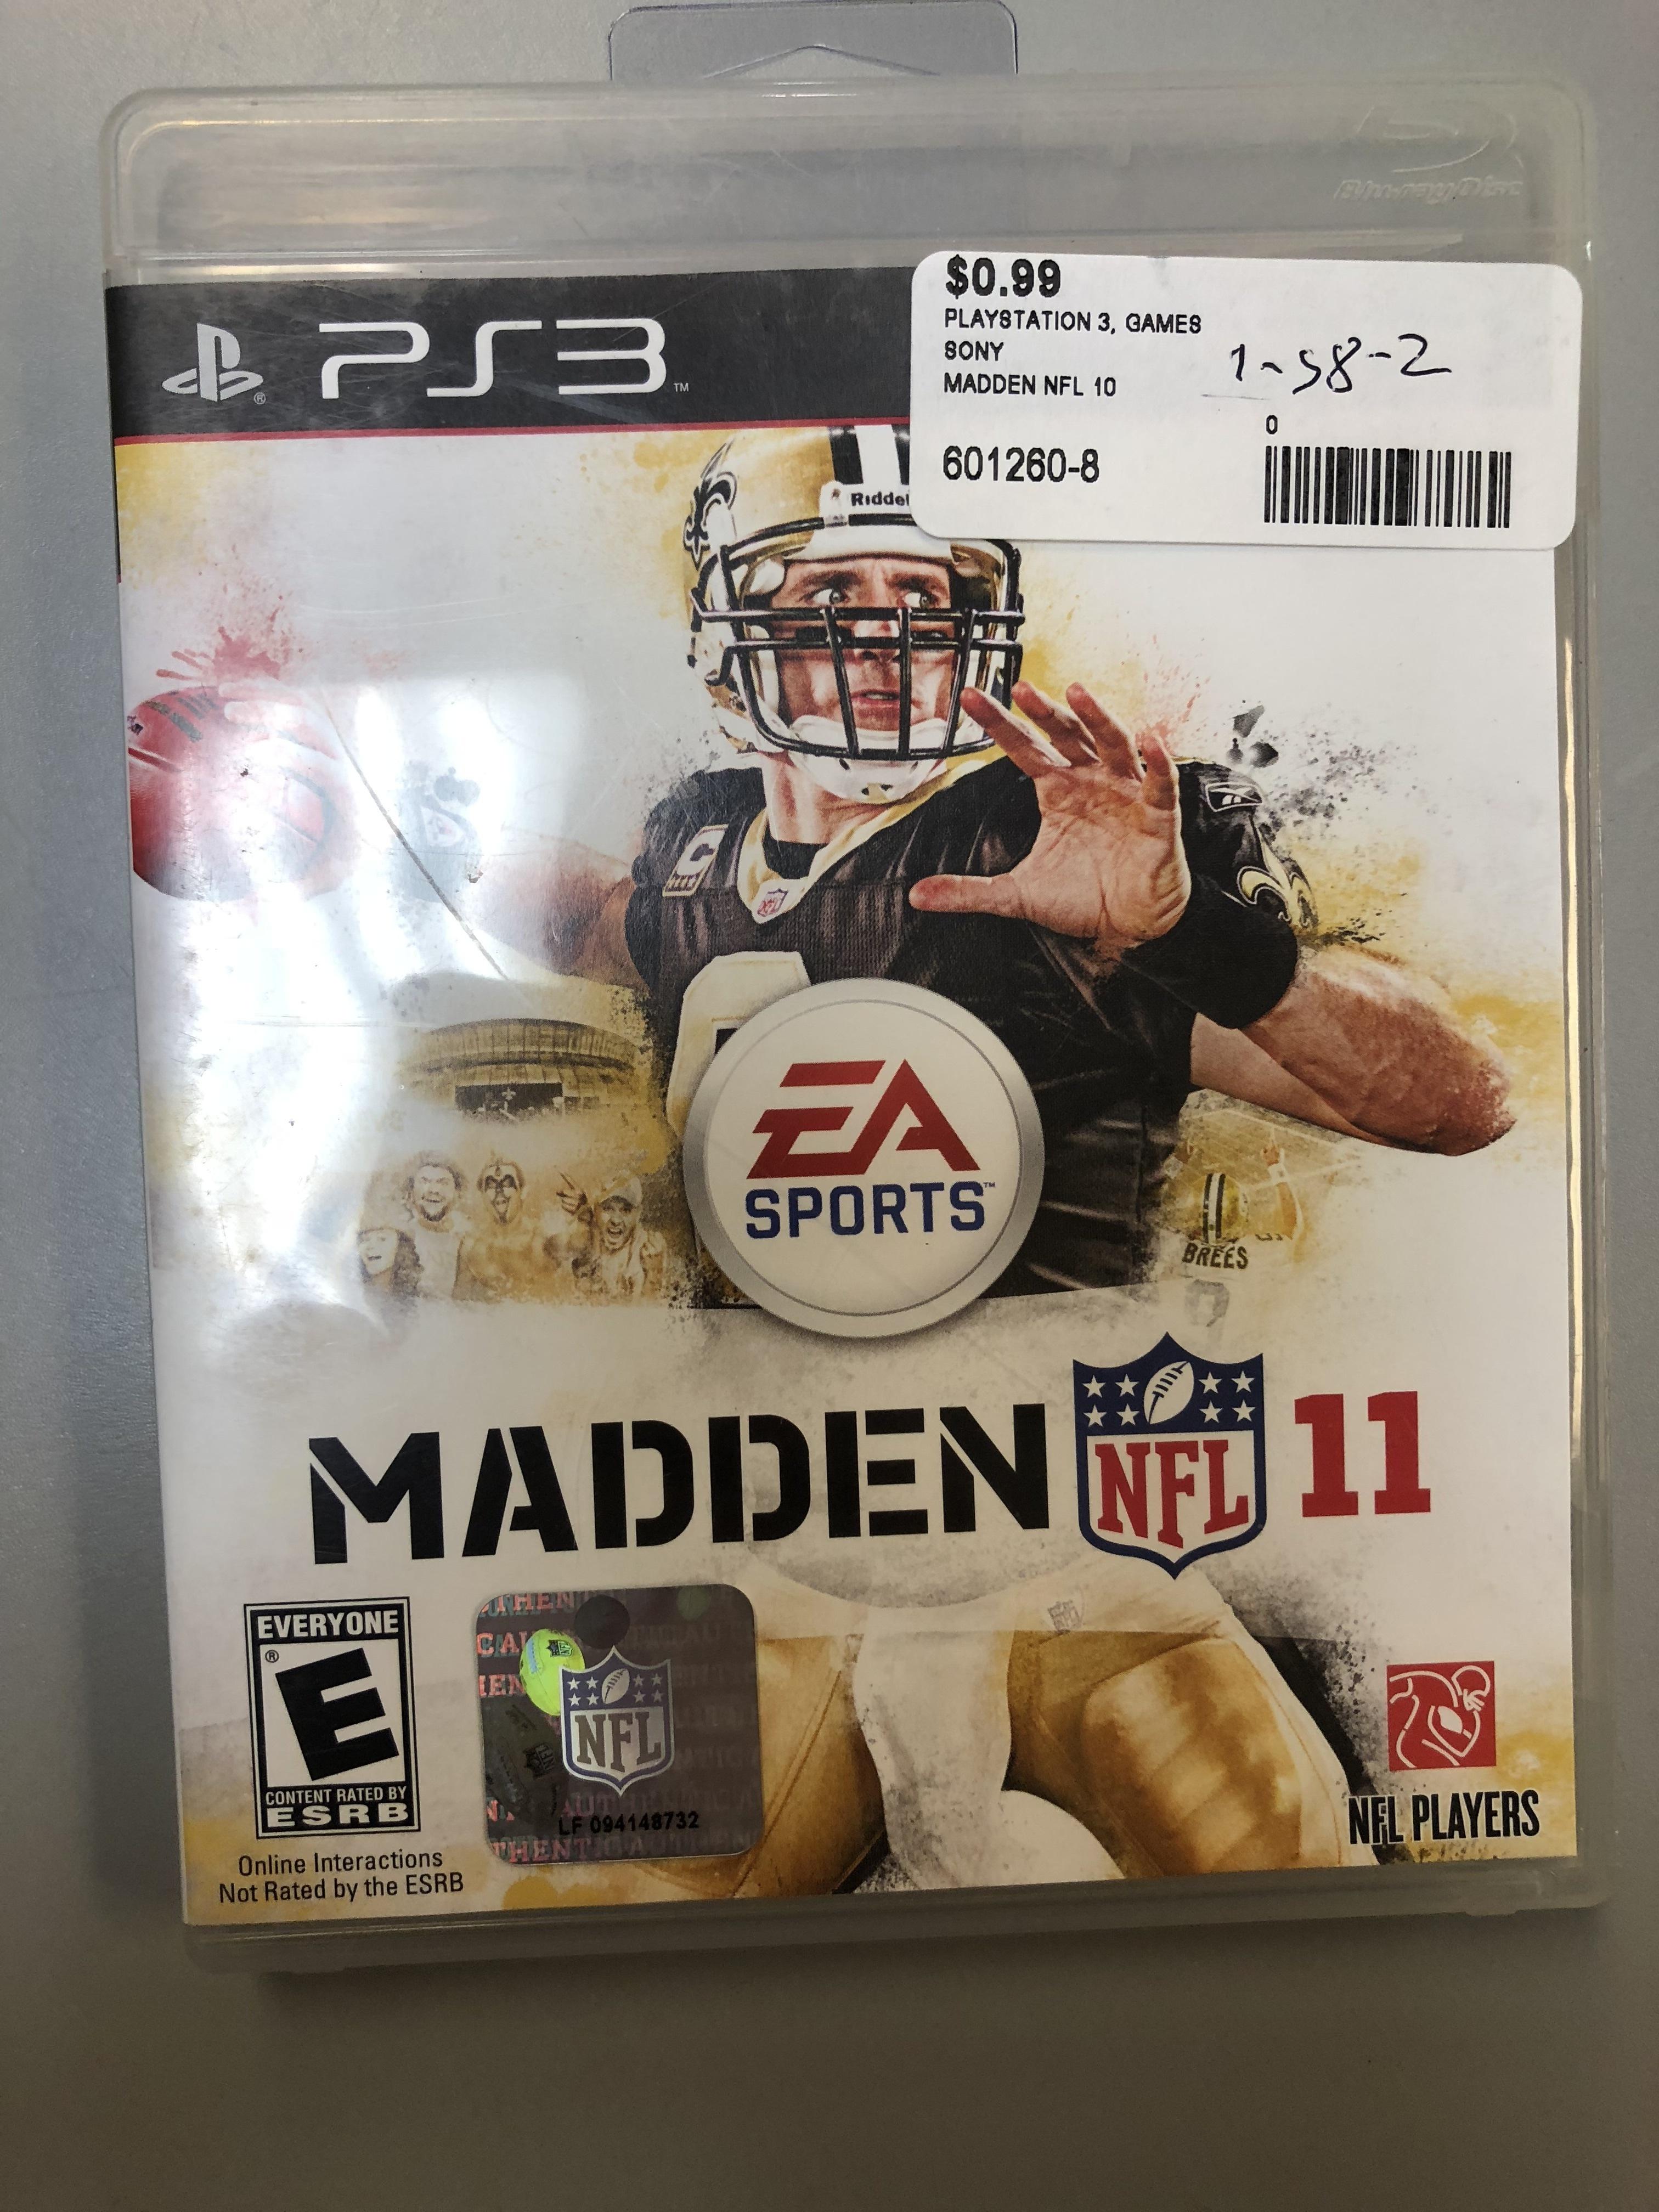 MADENN NFL 10